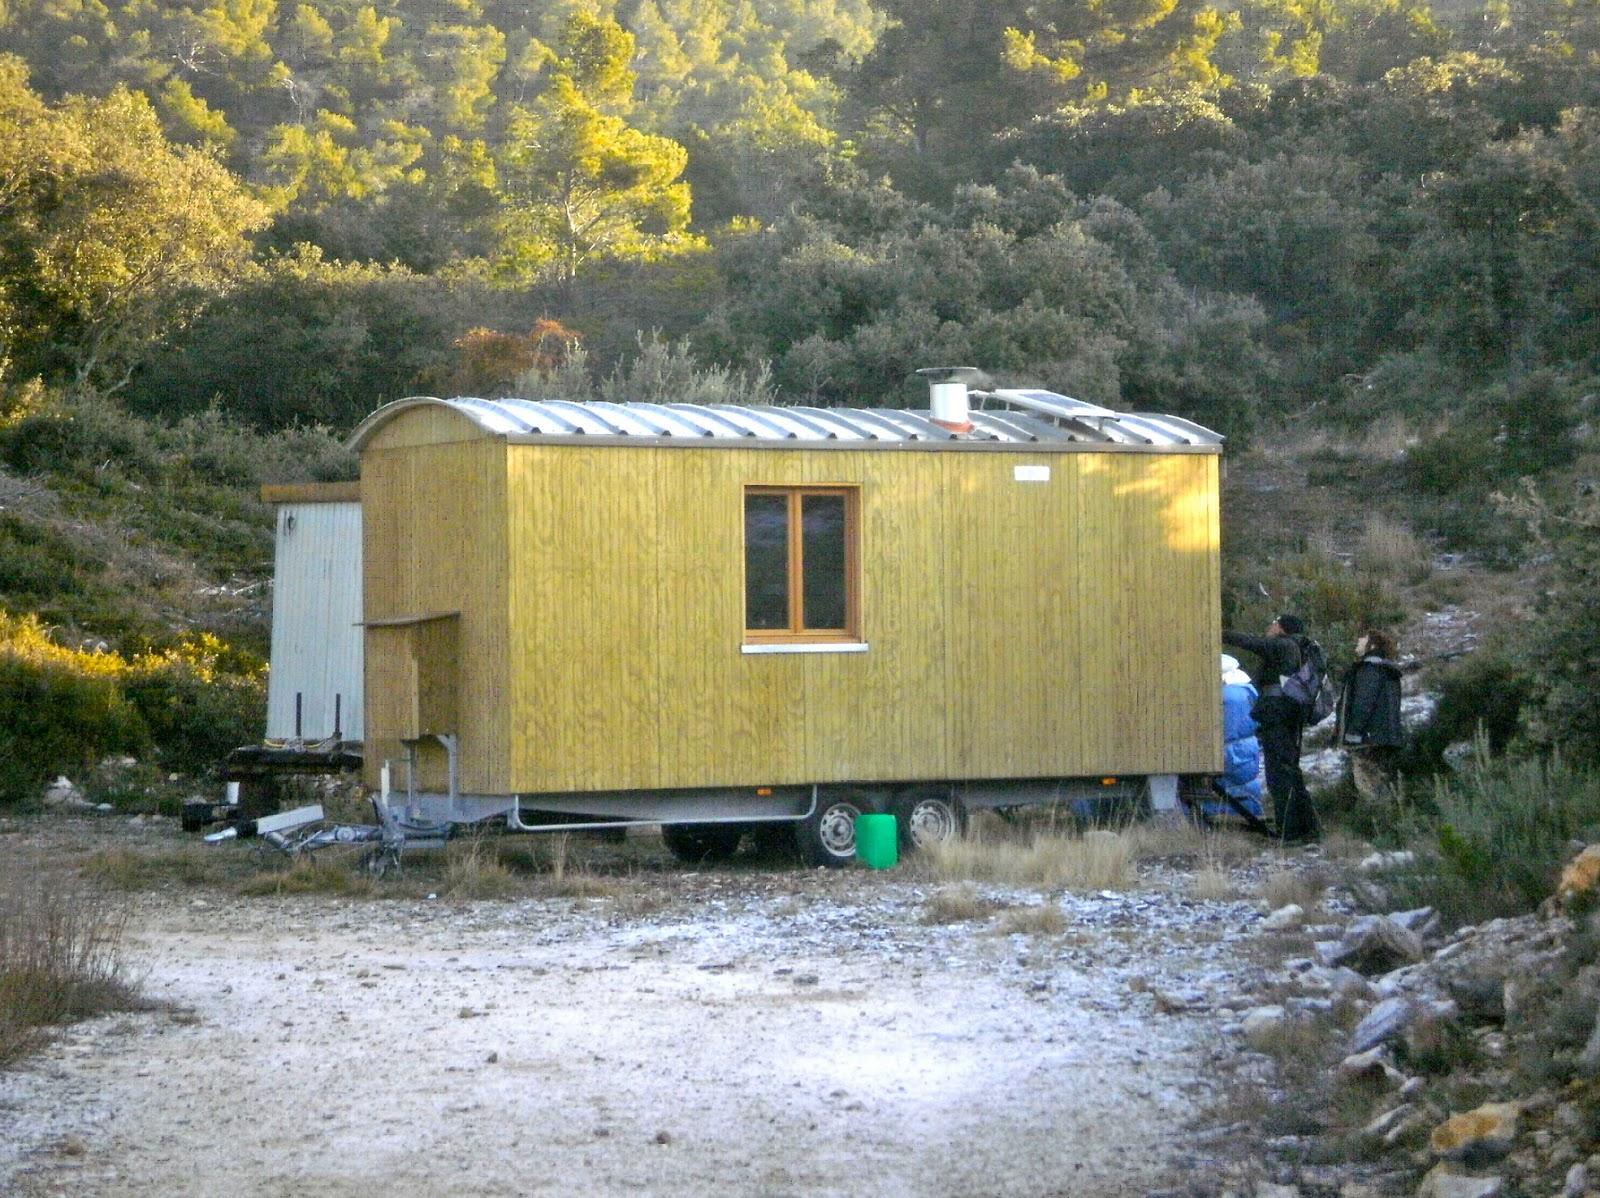 cabane de chantier d occasion chantier gros oeuvre cabane de chantier tech89 cabane de. Black Bedroom Furniture Sets. Home Design Ideas